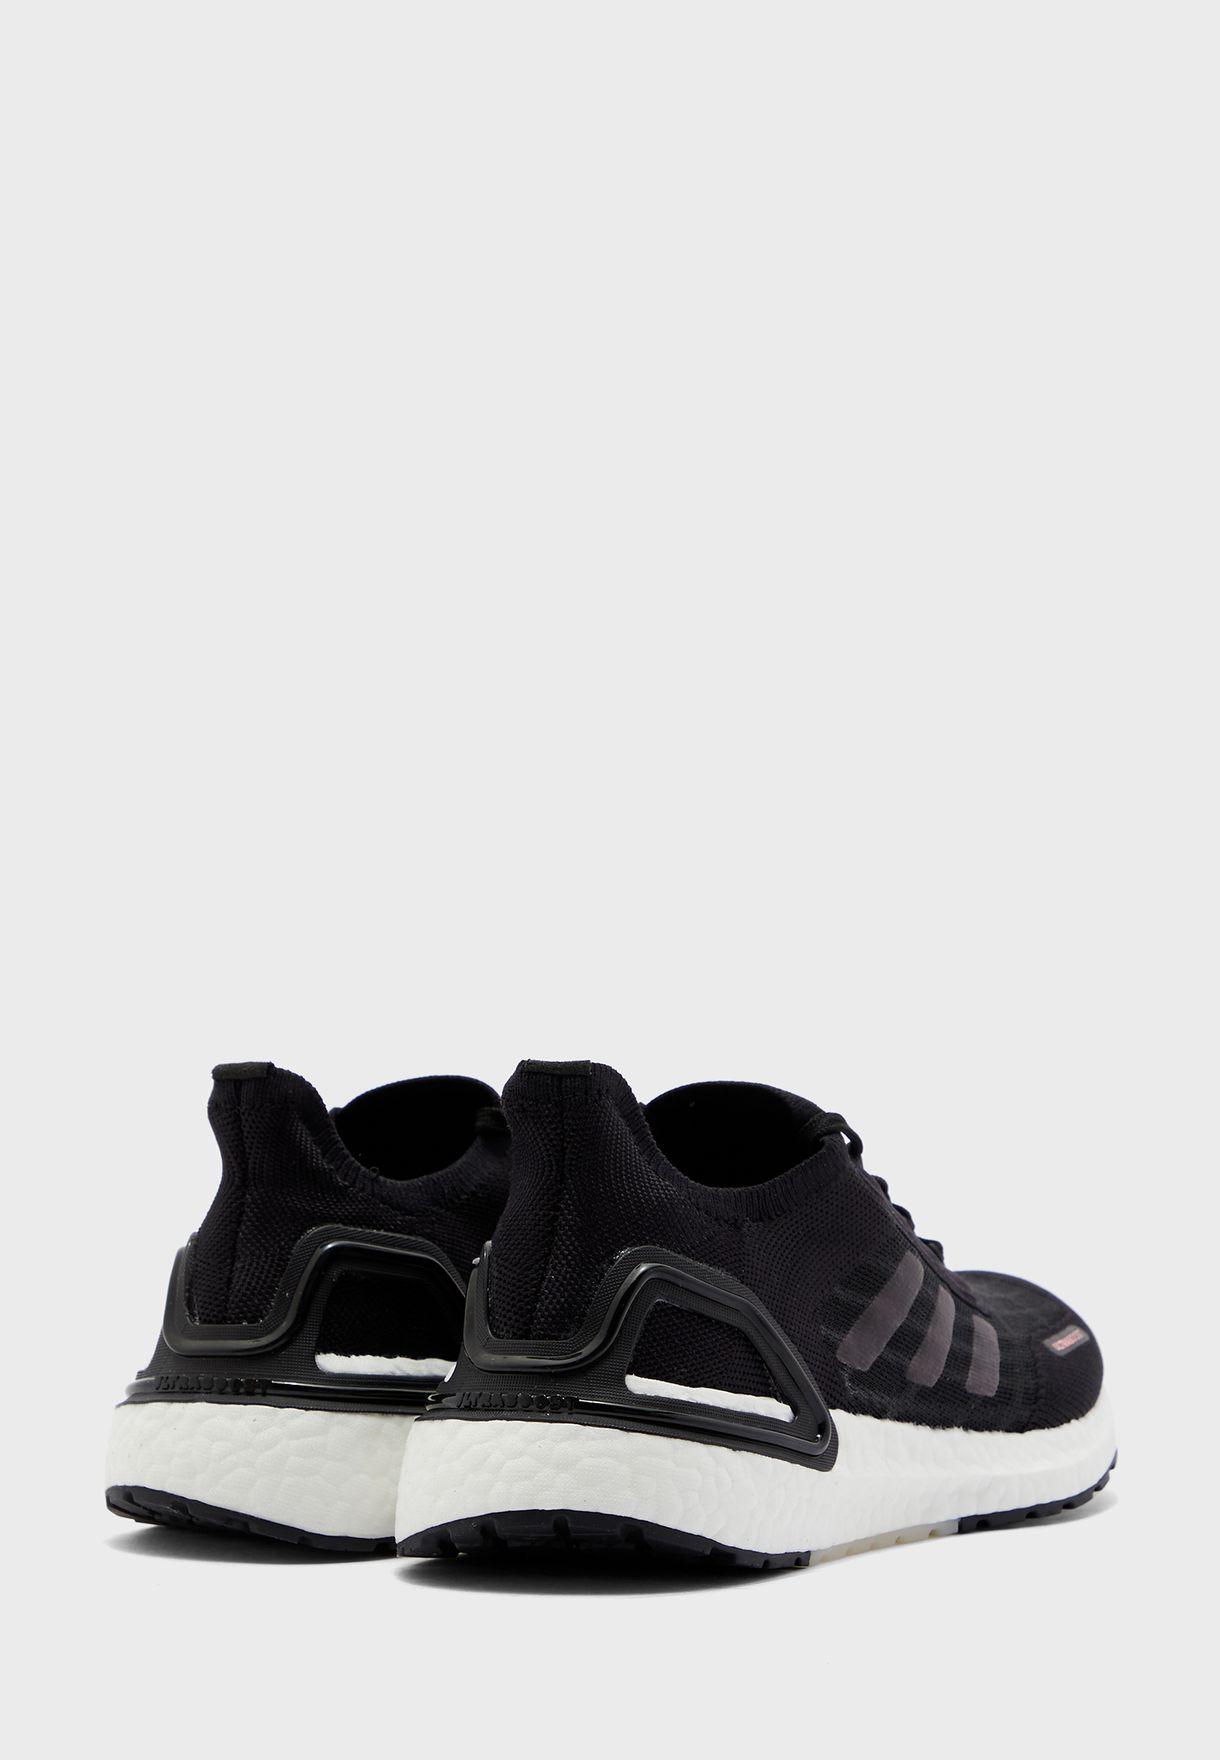 حذاء الترا بوست اس .ار دي واي